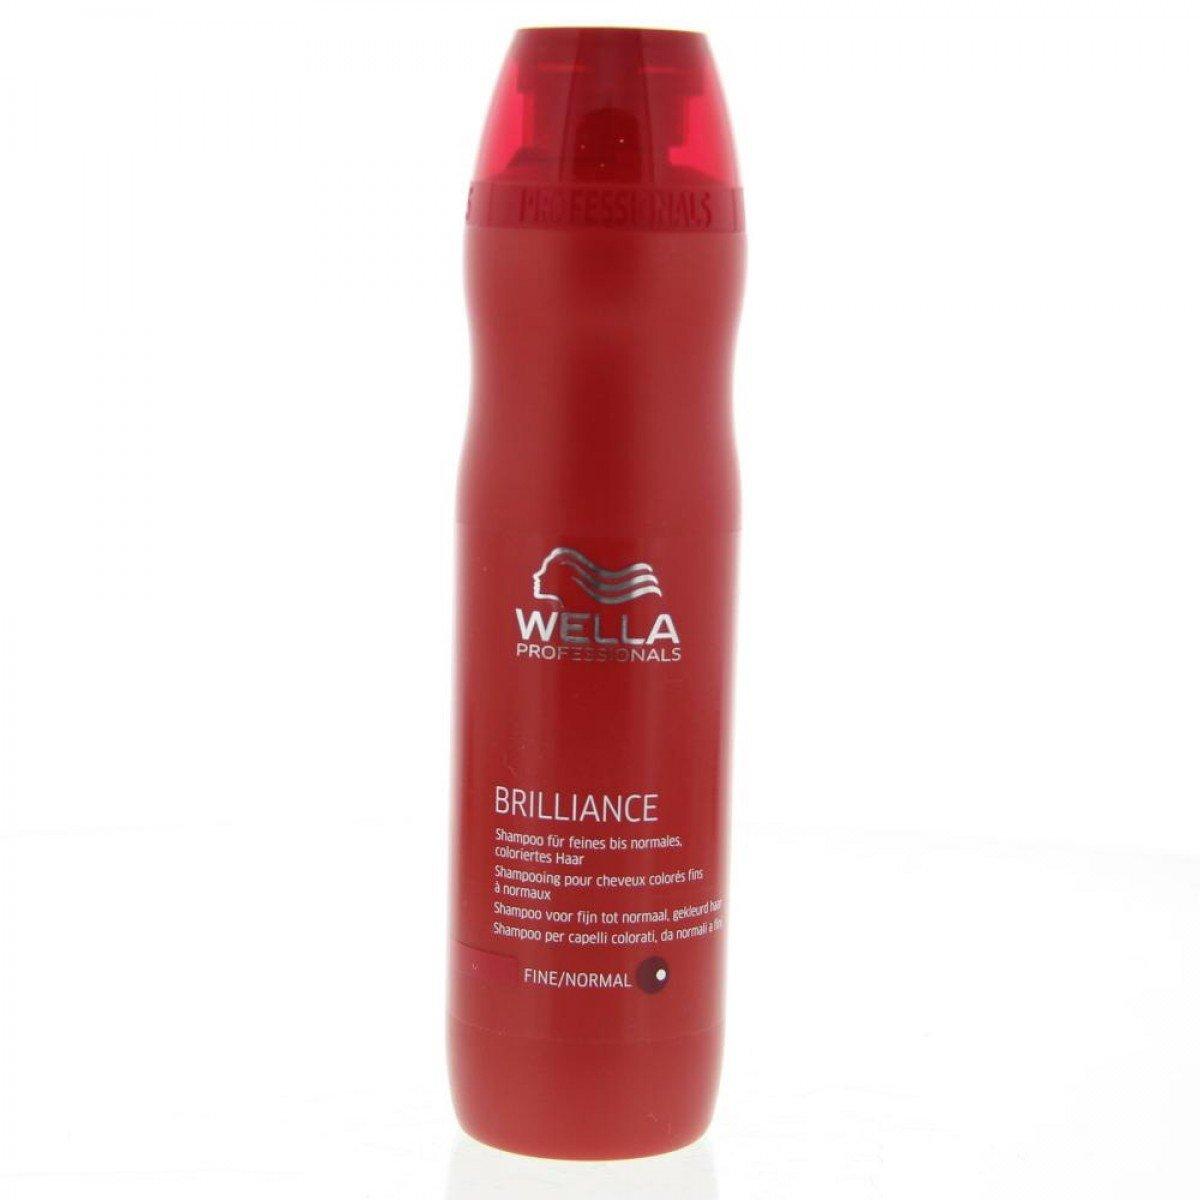 wella professionals shampoing pour cheveux colors fins ou normaux 250ml - Quel Shampoing Pour Cheveux Colors